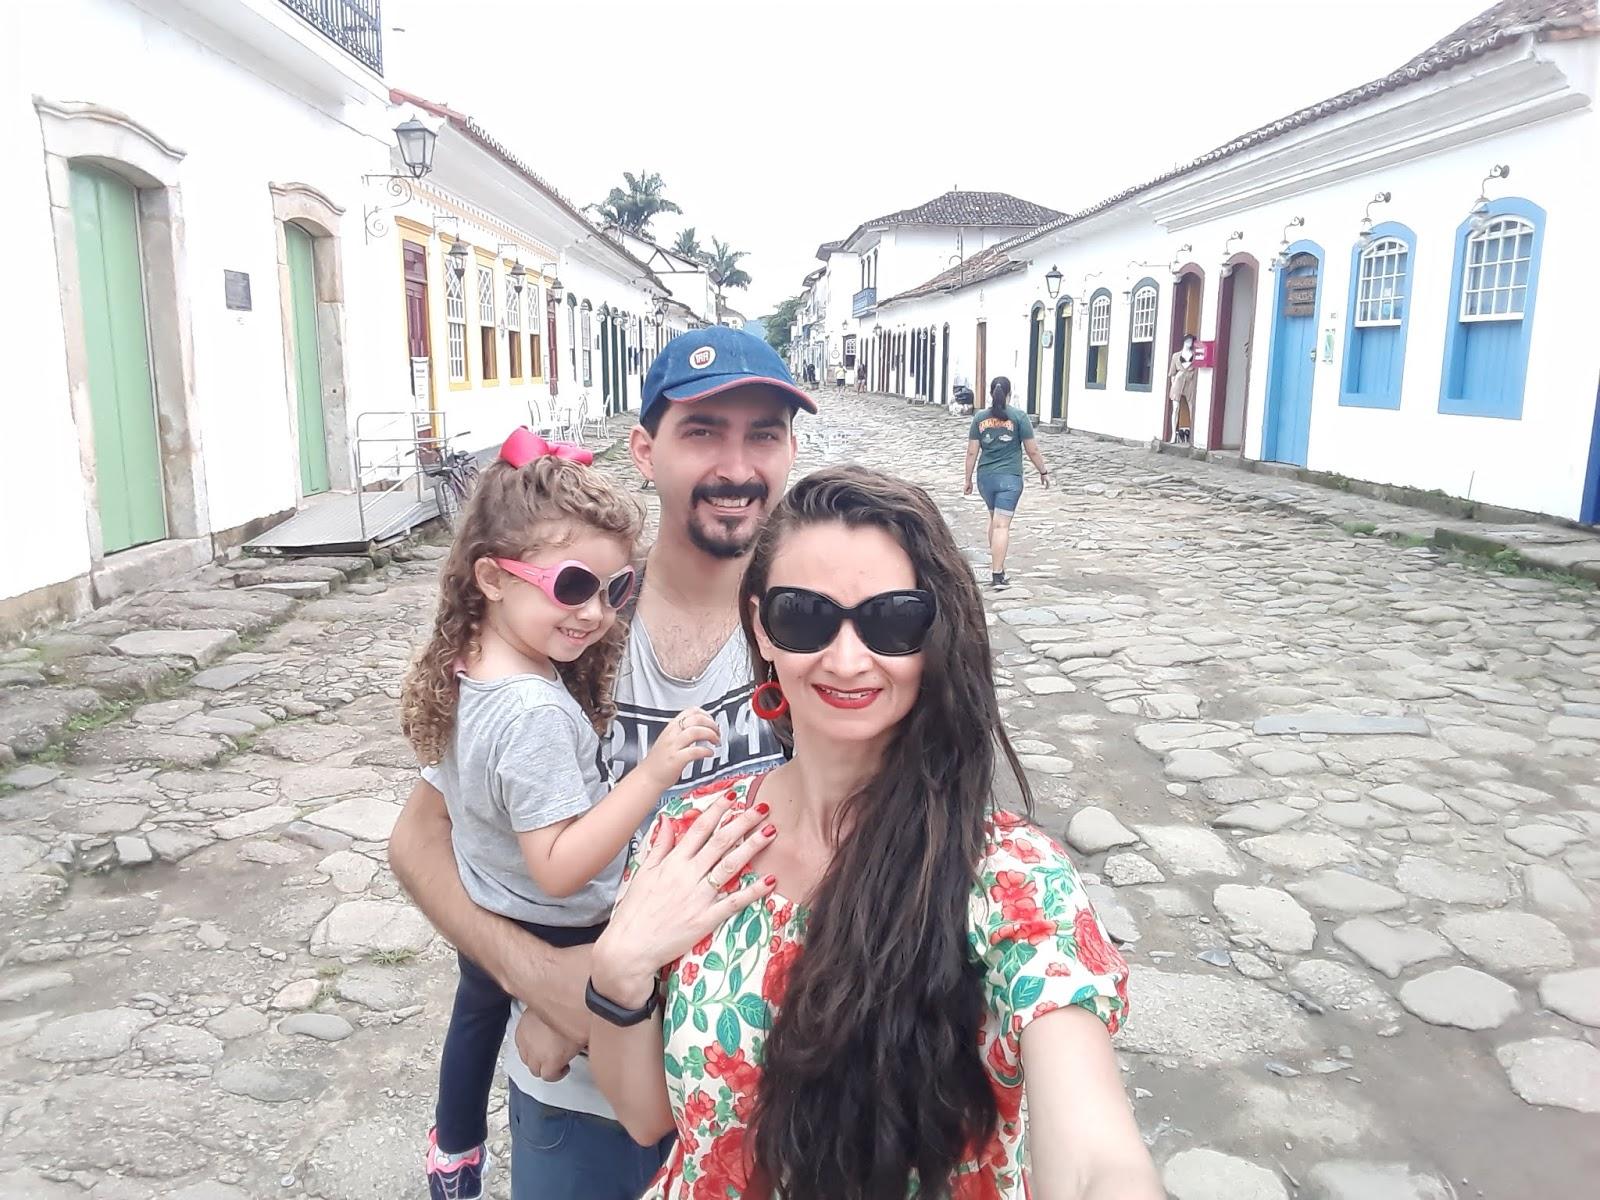 Centro Histórico de Paraty - Casario